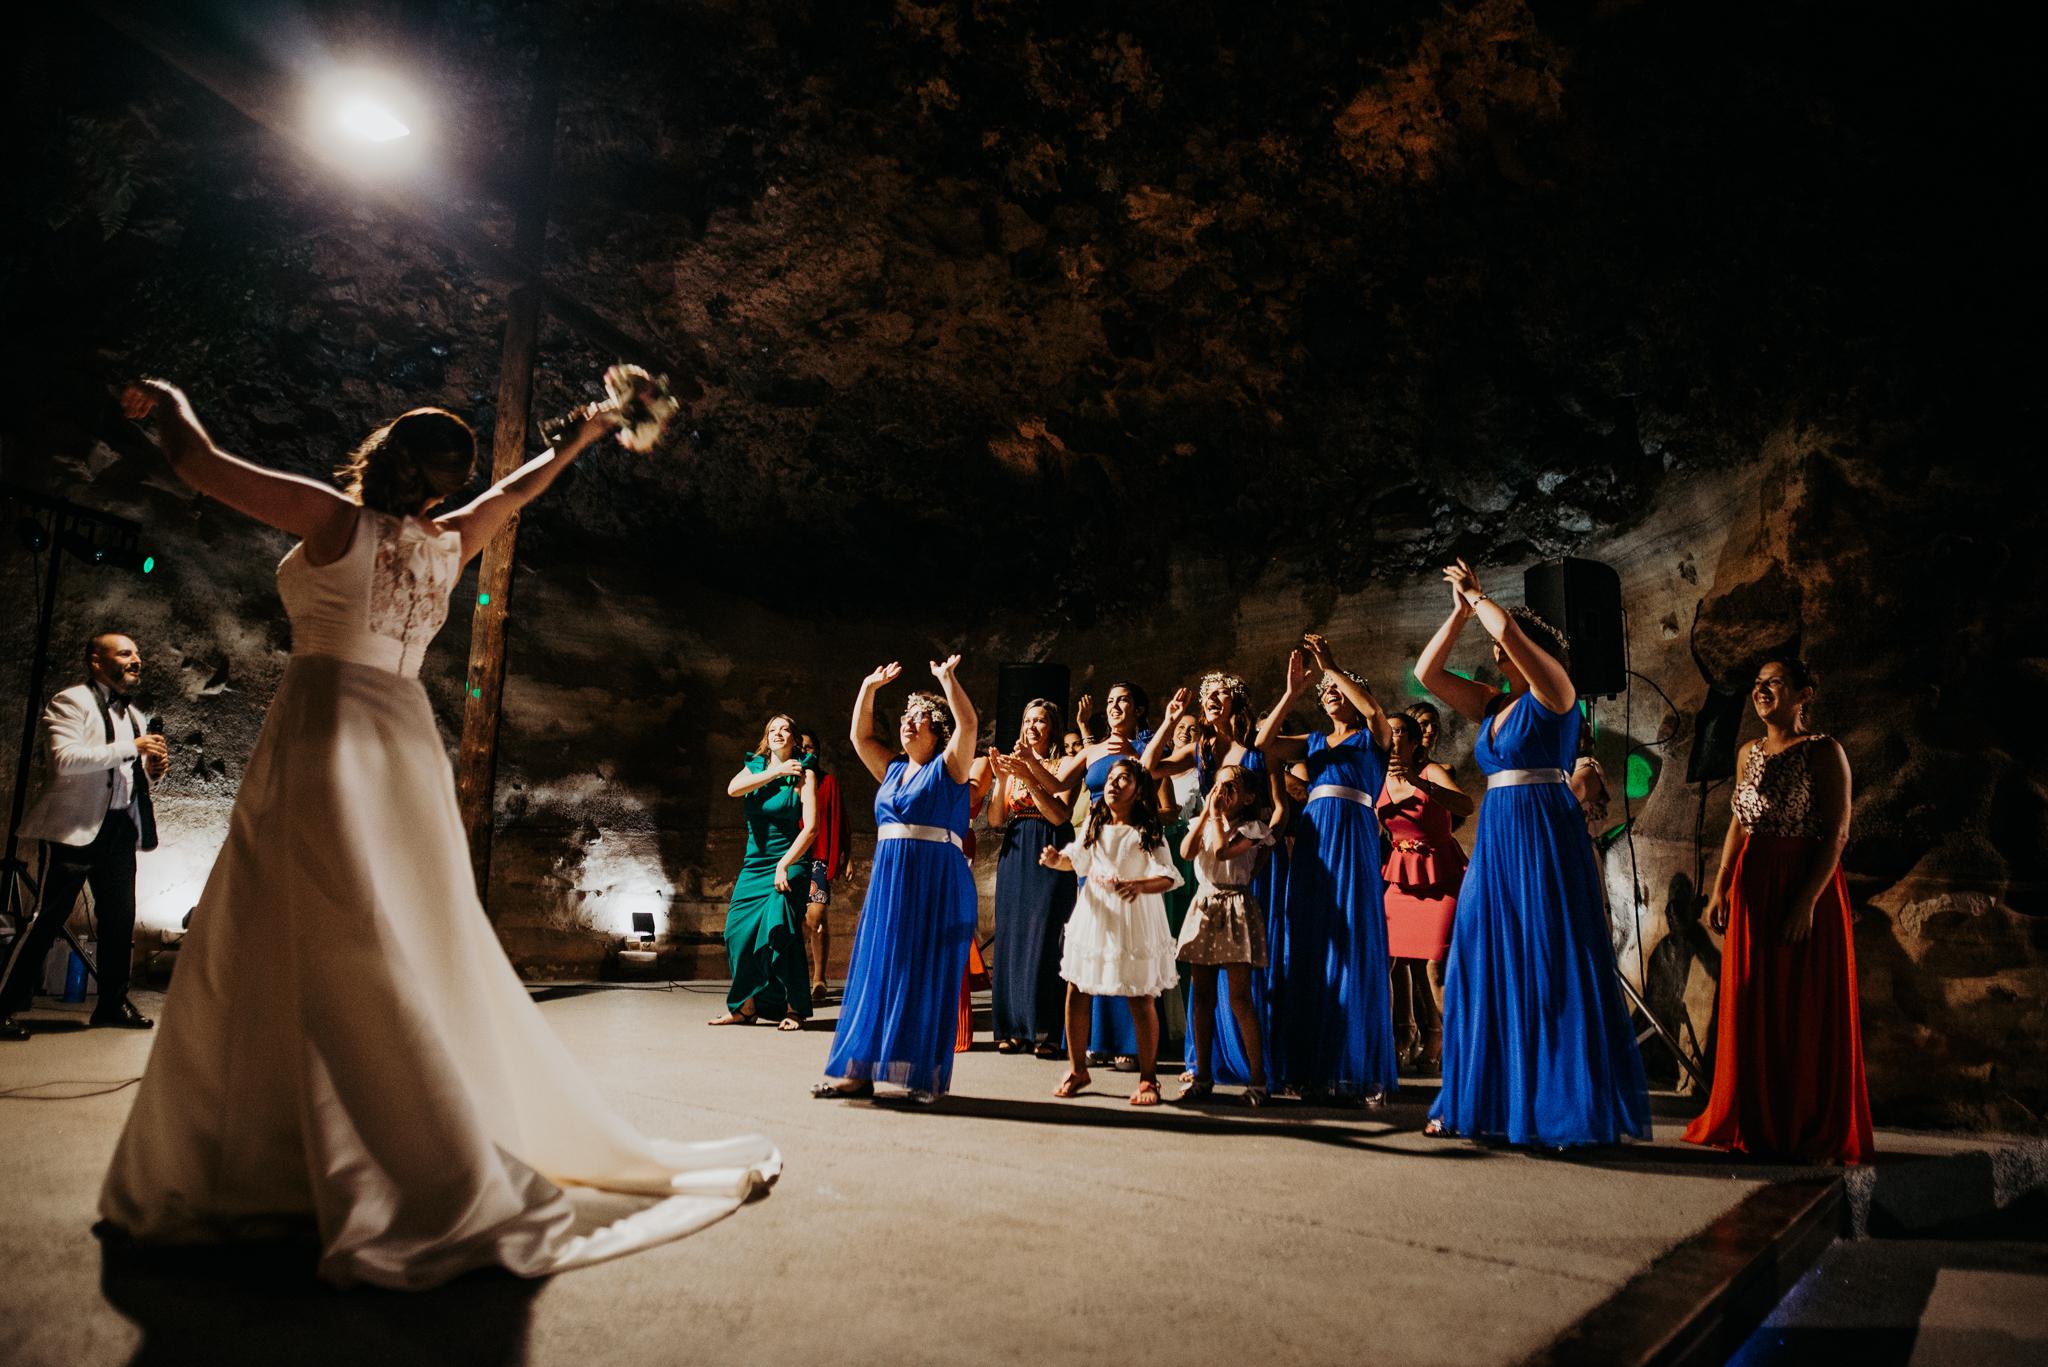 sonia boda-138.jpg